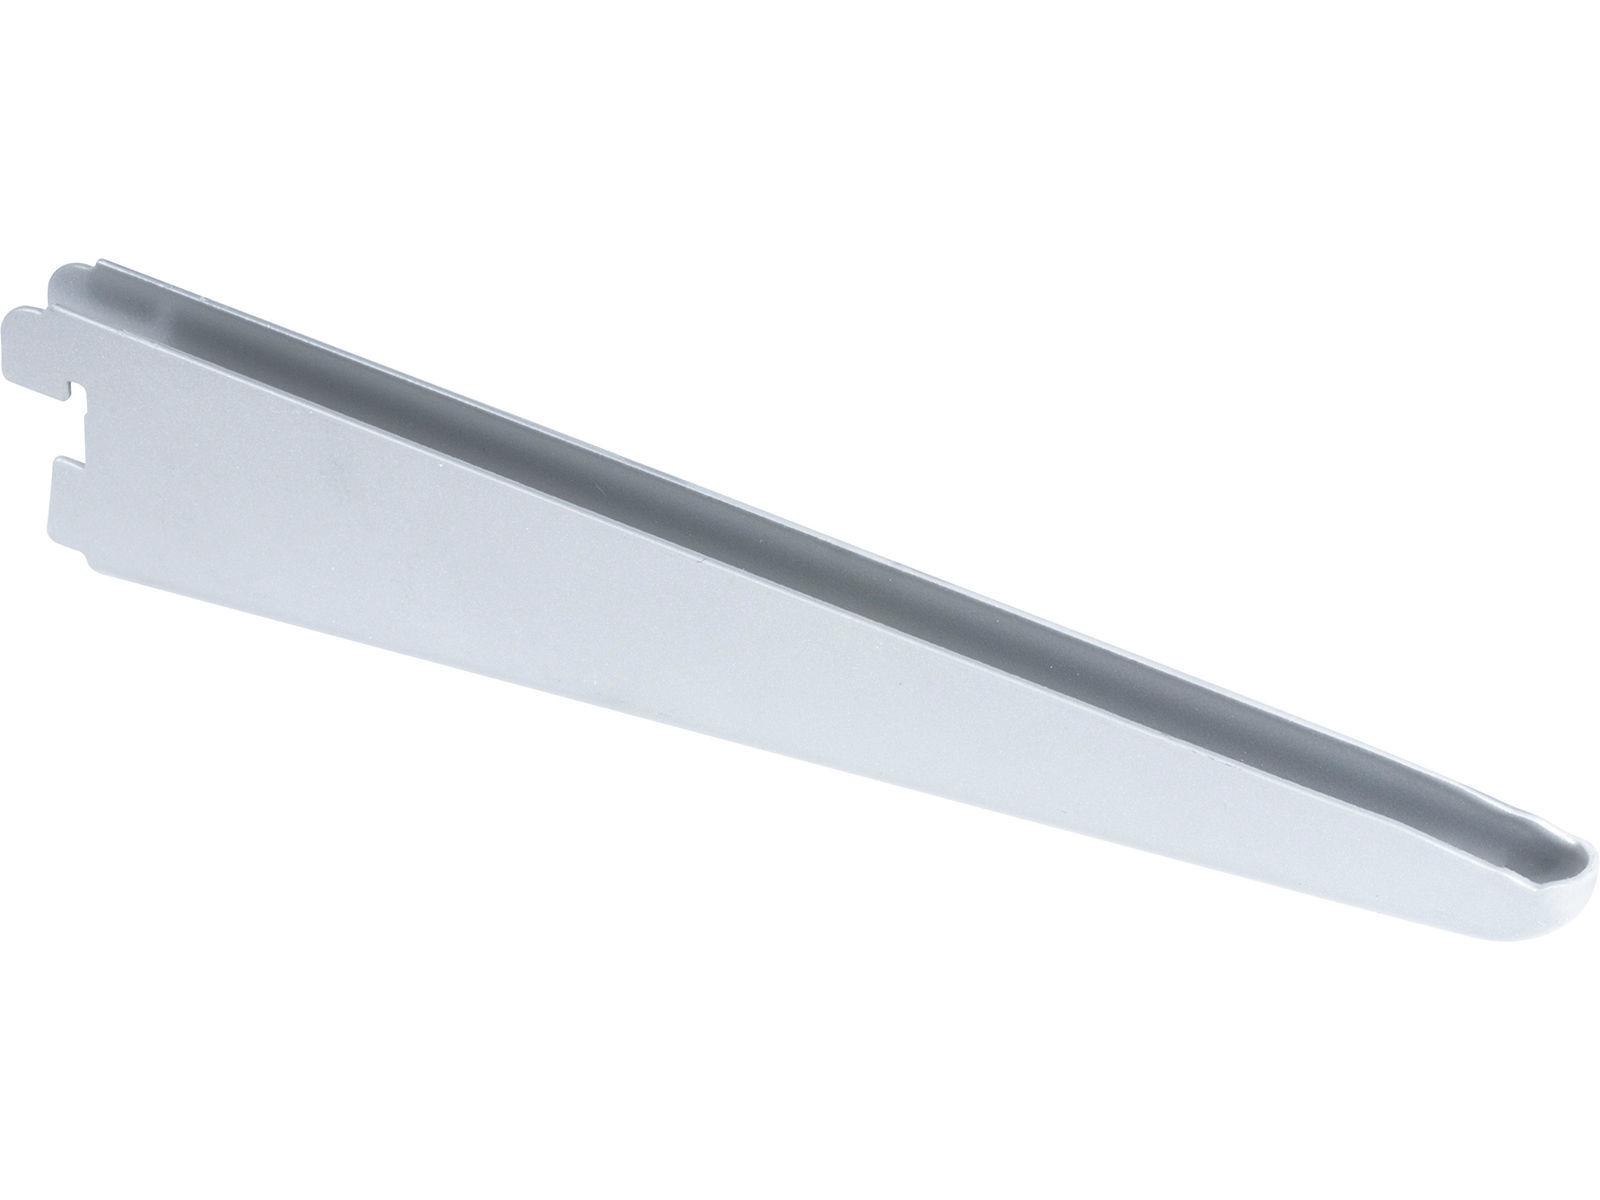 Bilde av Hyllekonsoll hvit